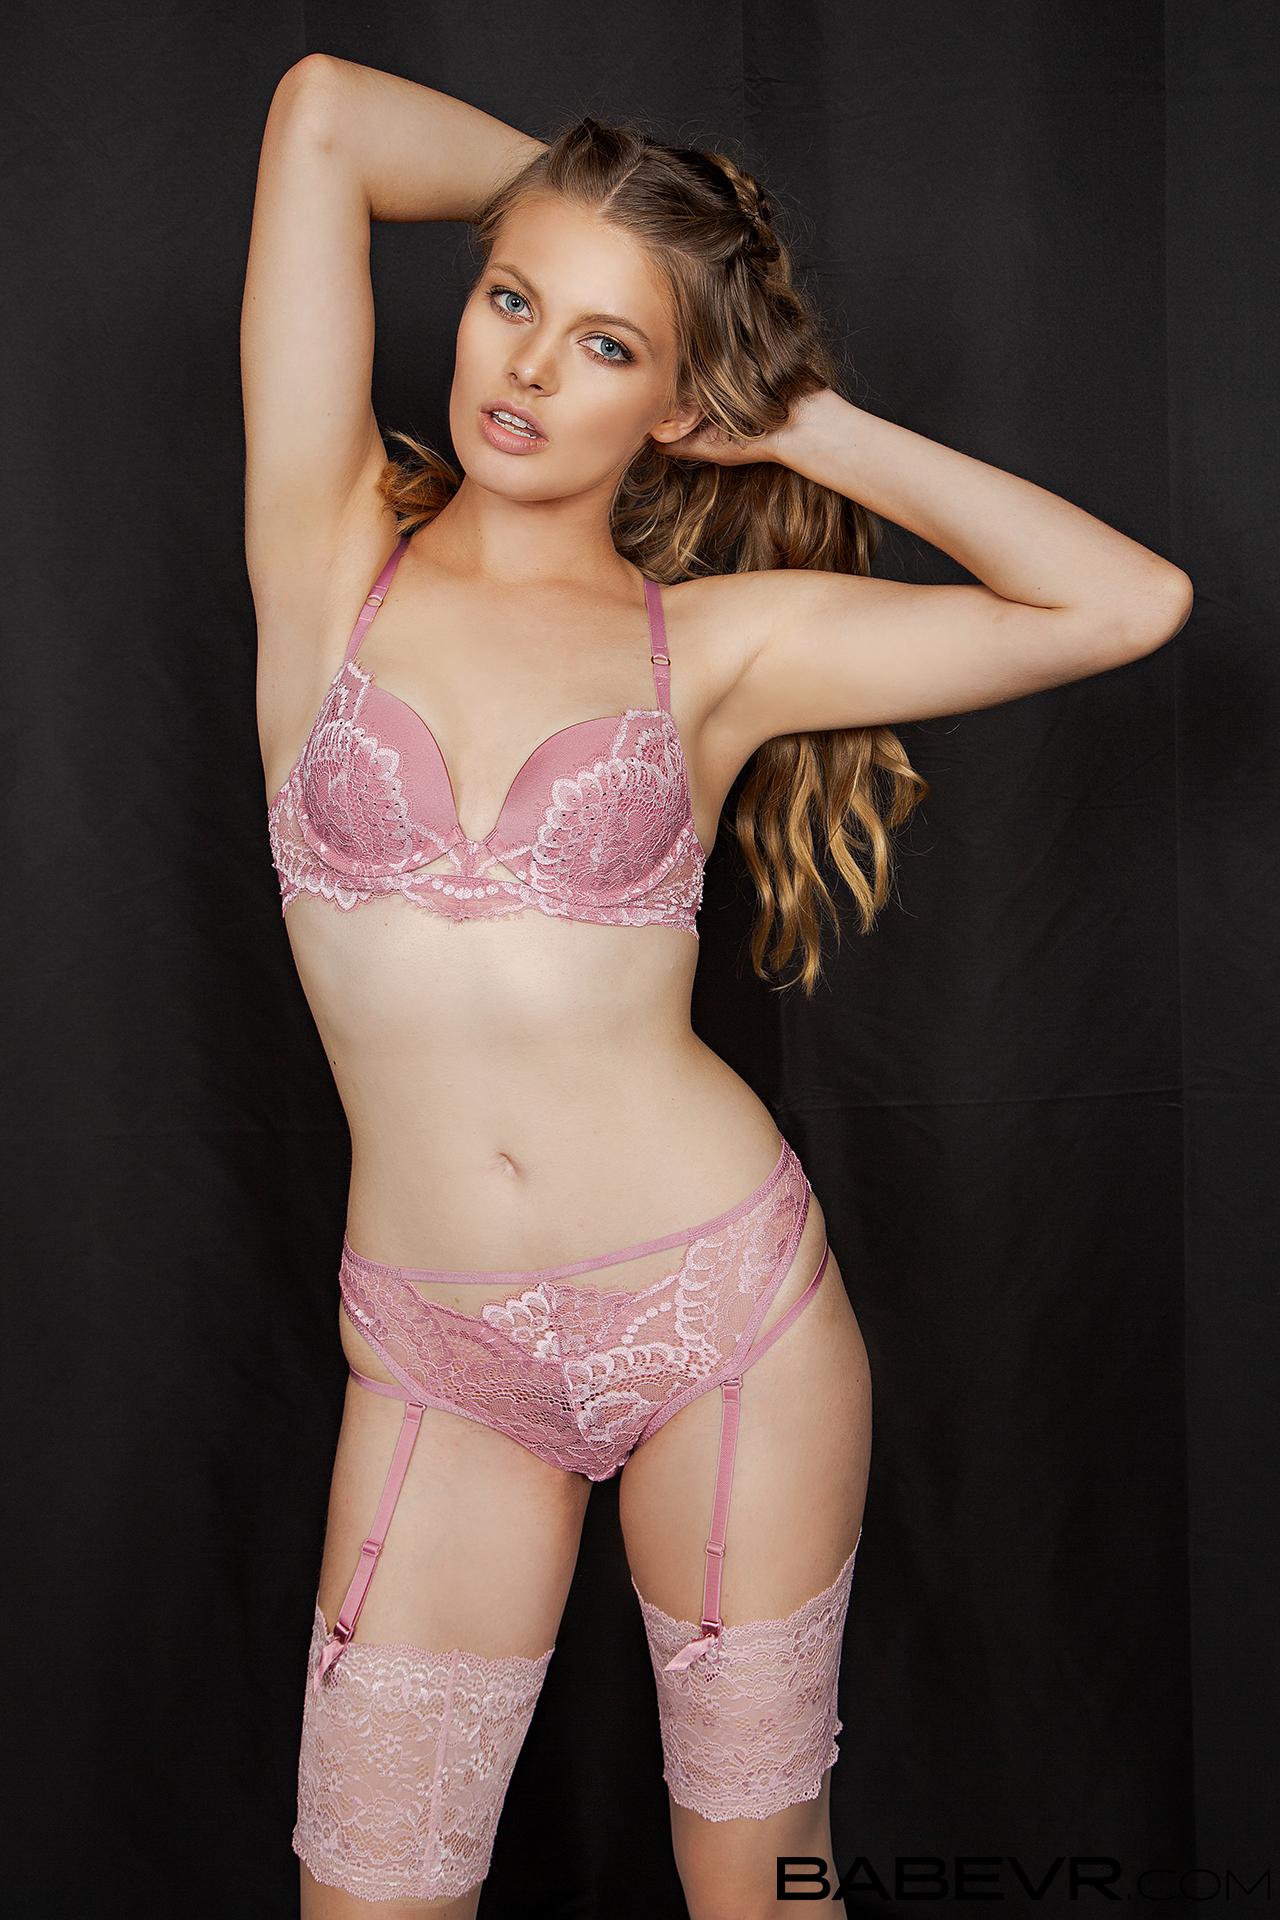 Sophie Sparks vr girl posing in lingerie